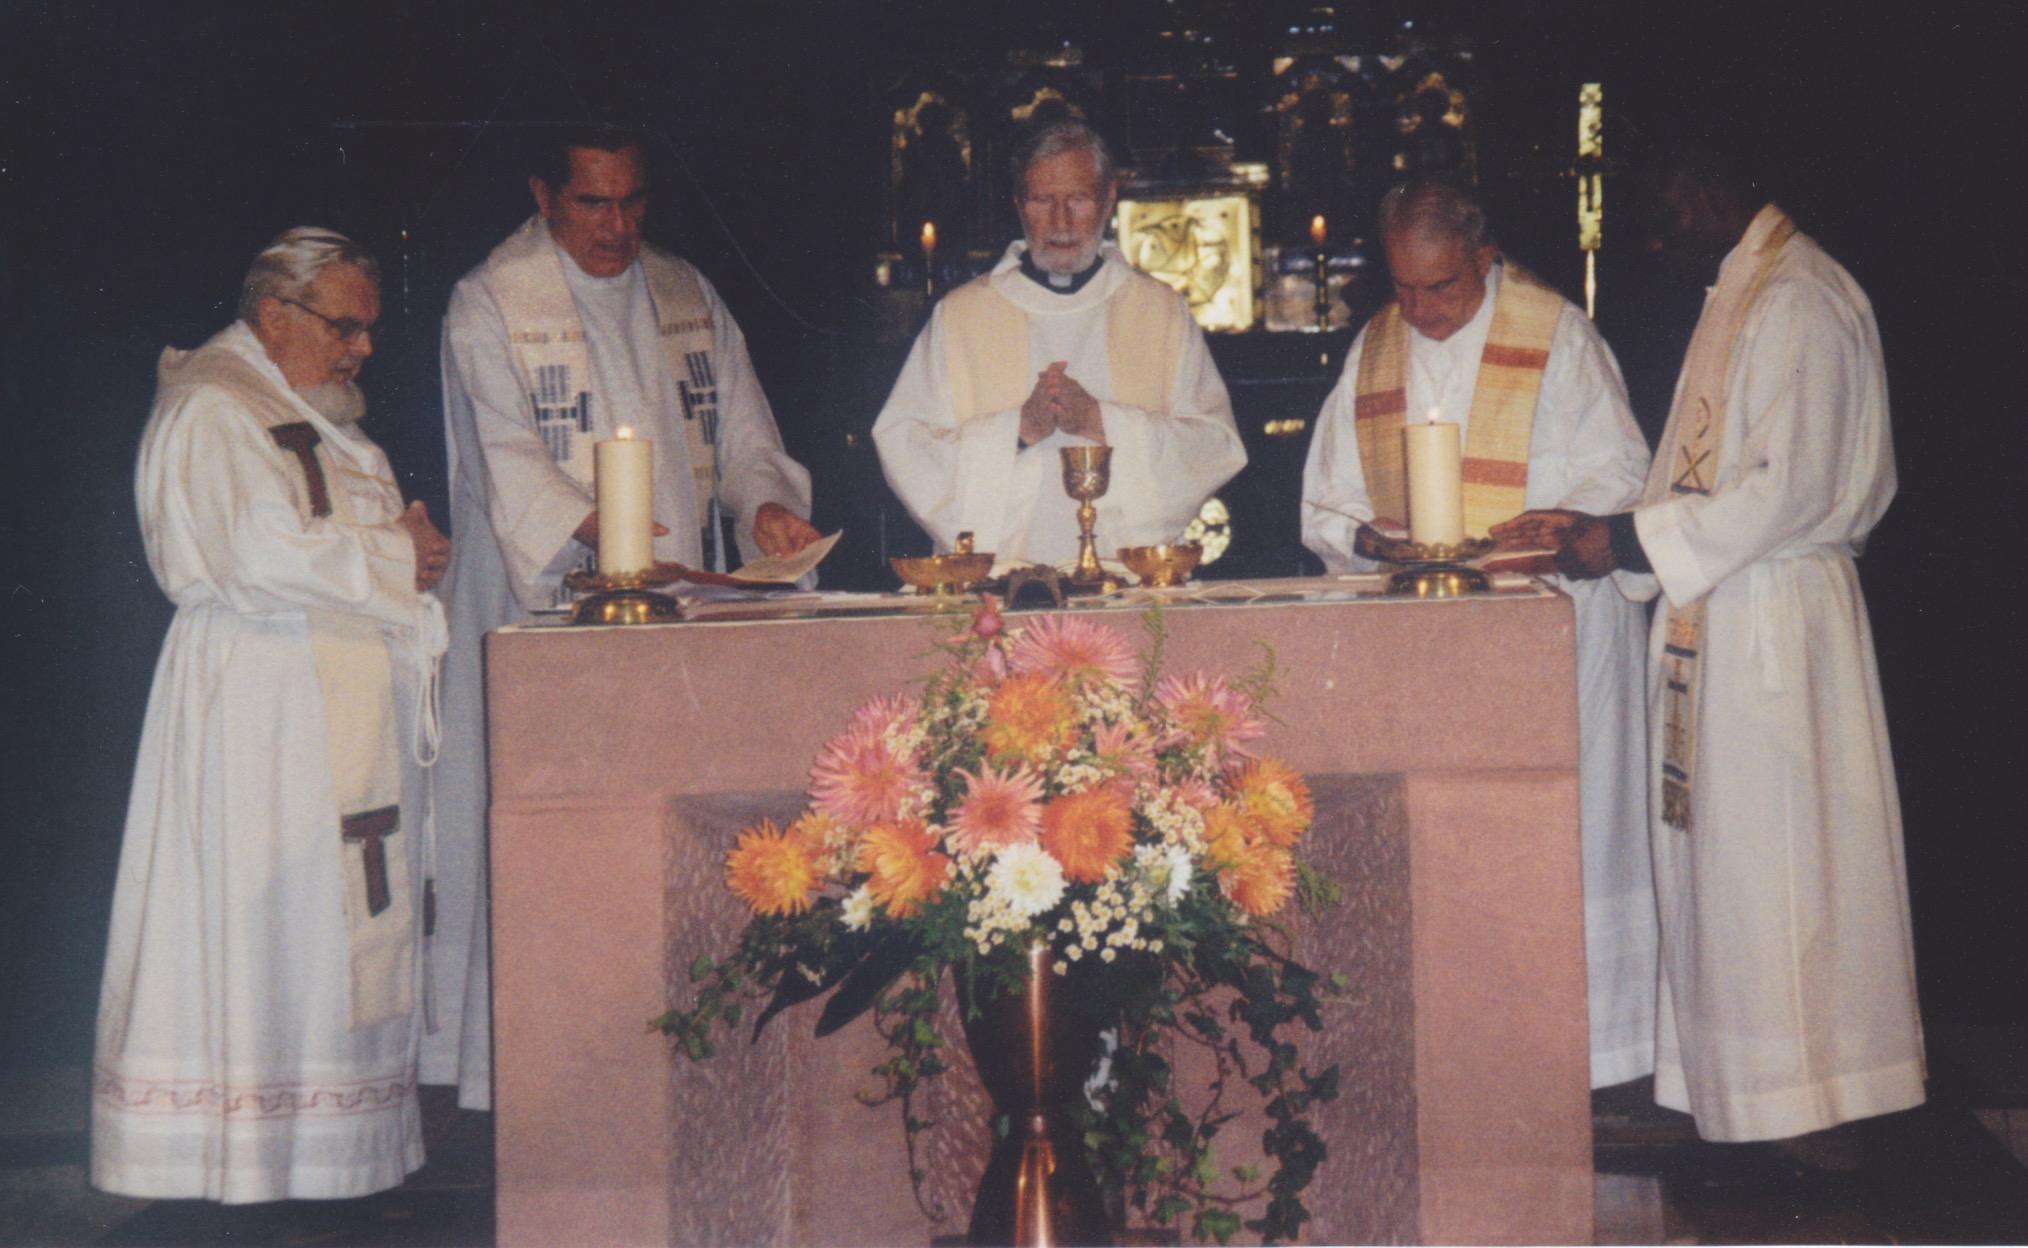 Segnungsgottesdienst in der Pfarrkirche. Ganz links im Bild   Pater Dr. Martin Geislreiter OFMcap